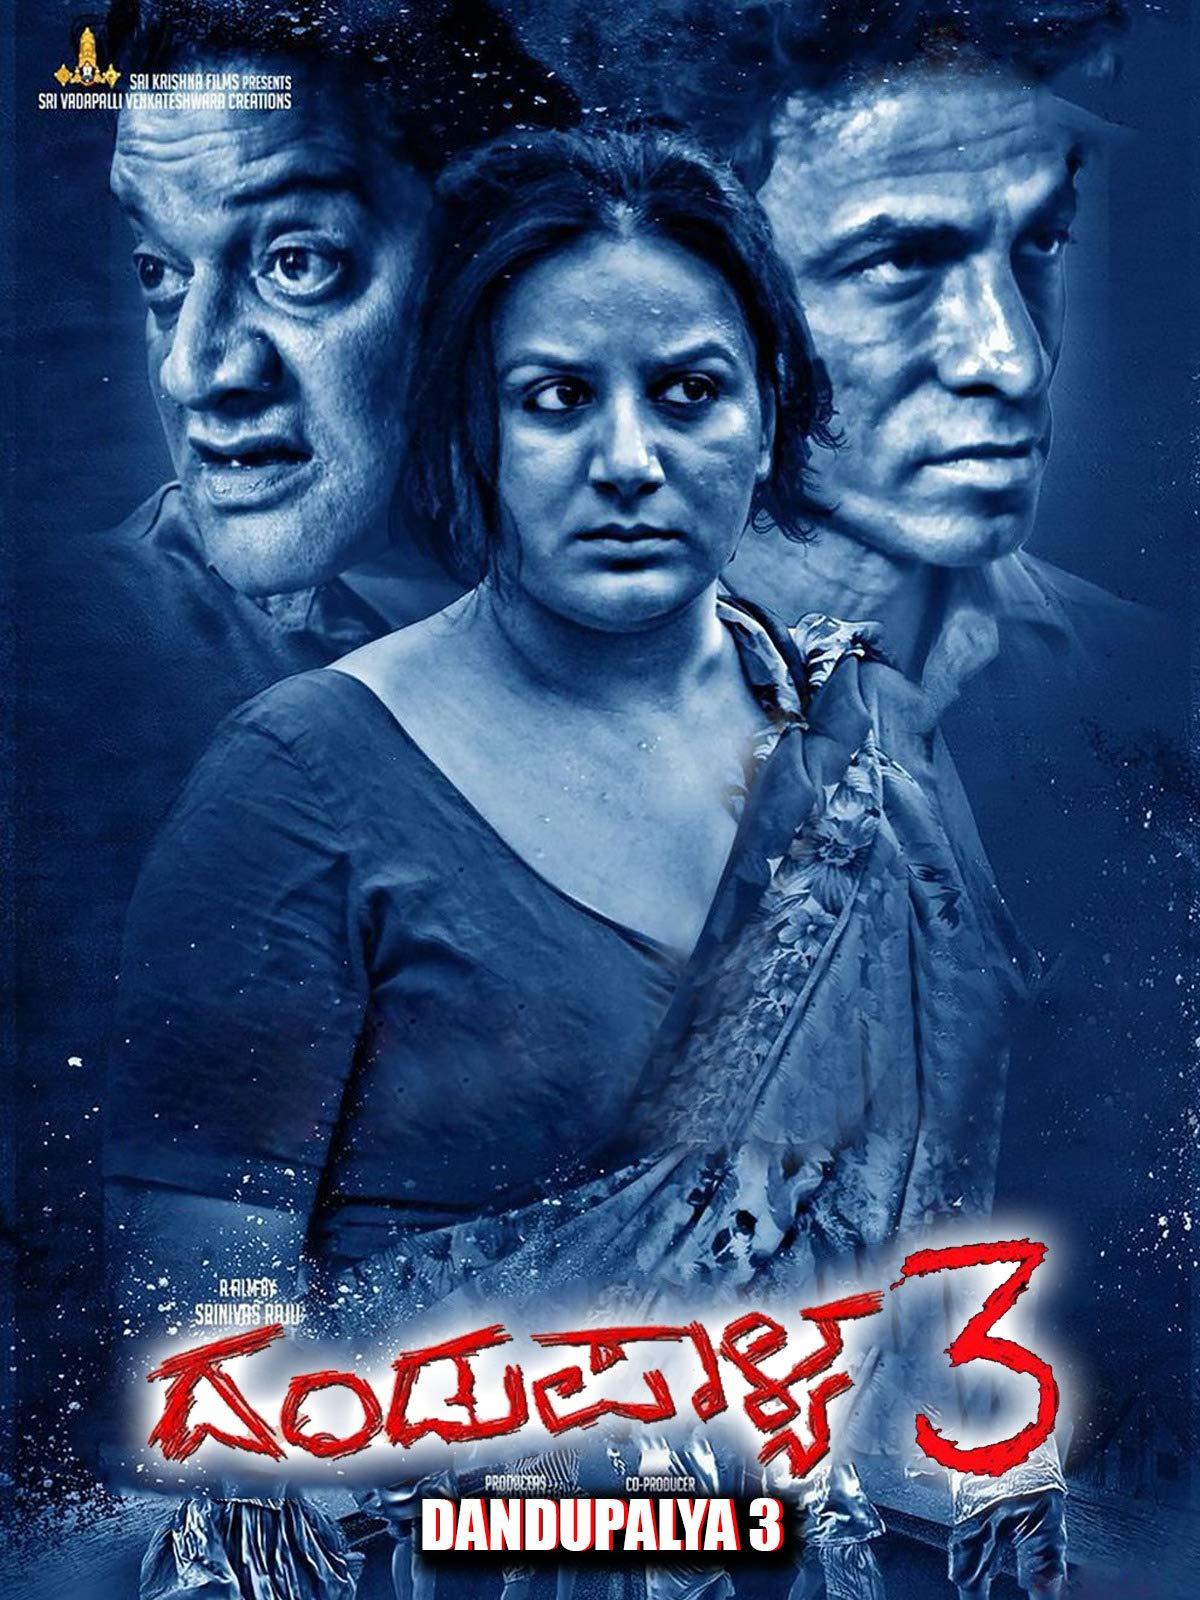 Dandupalya 3